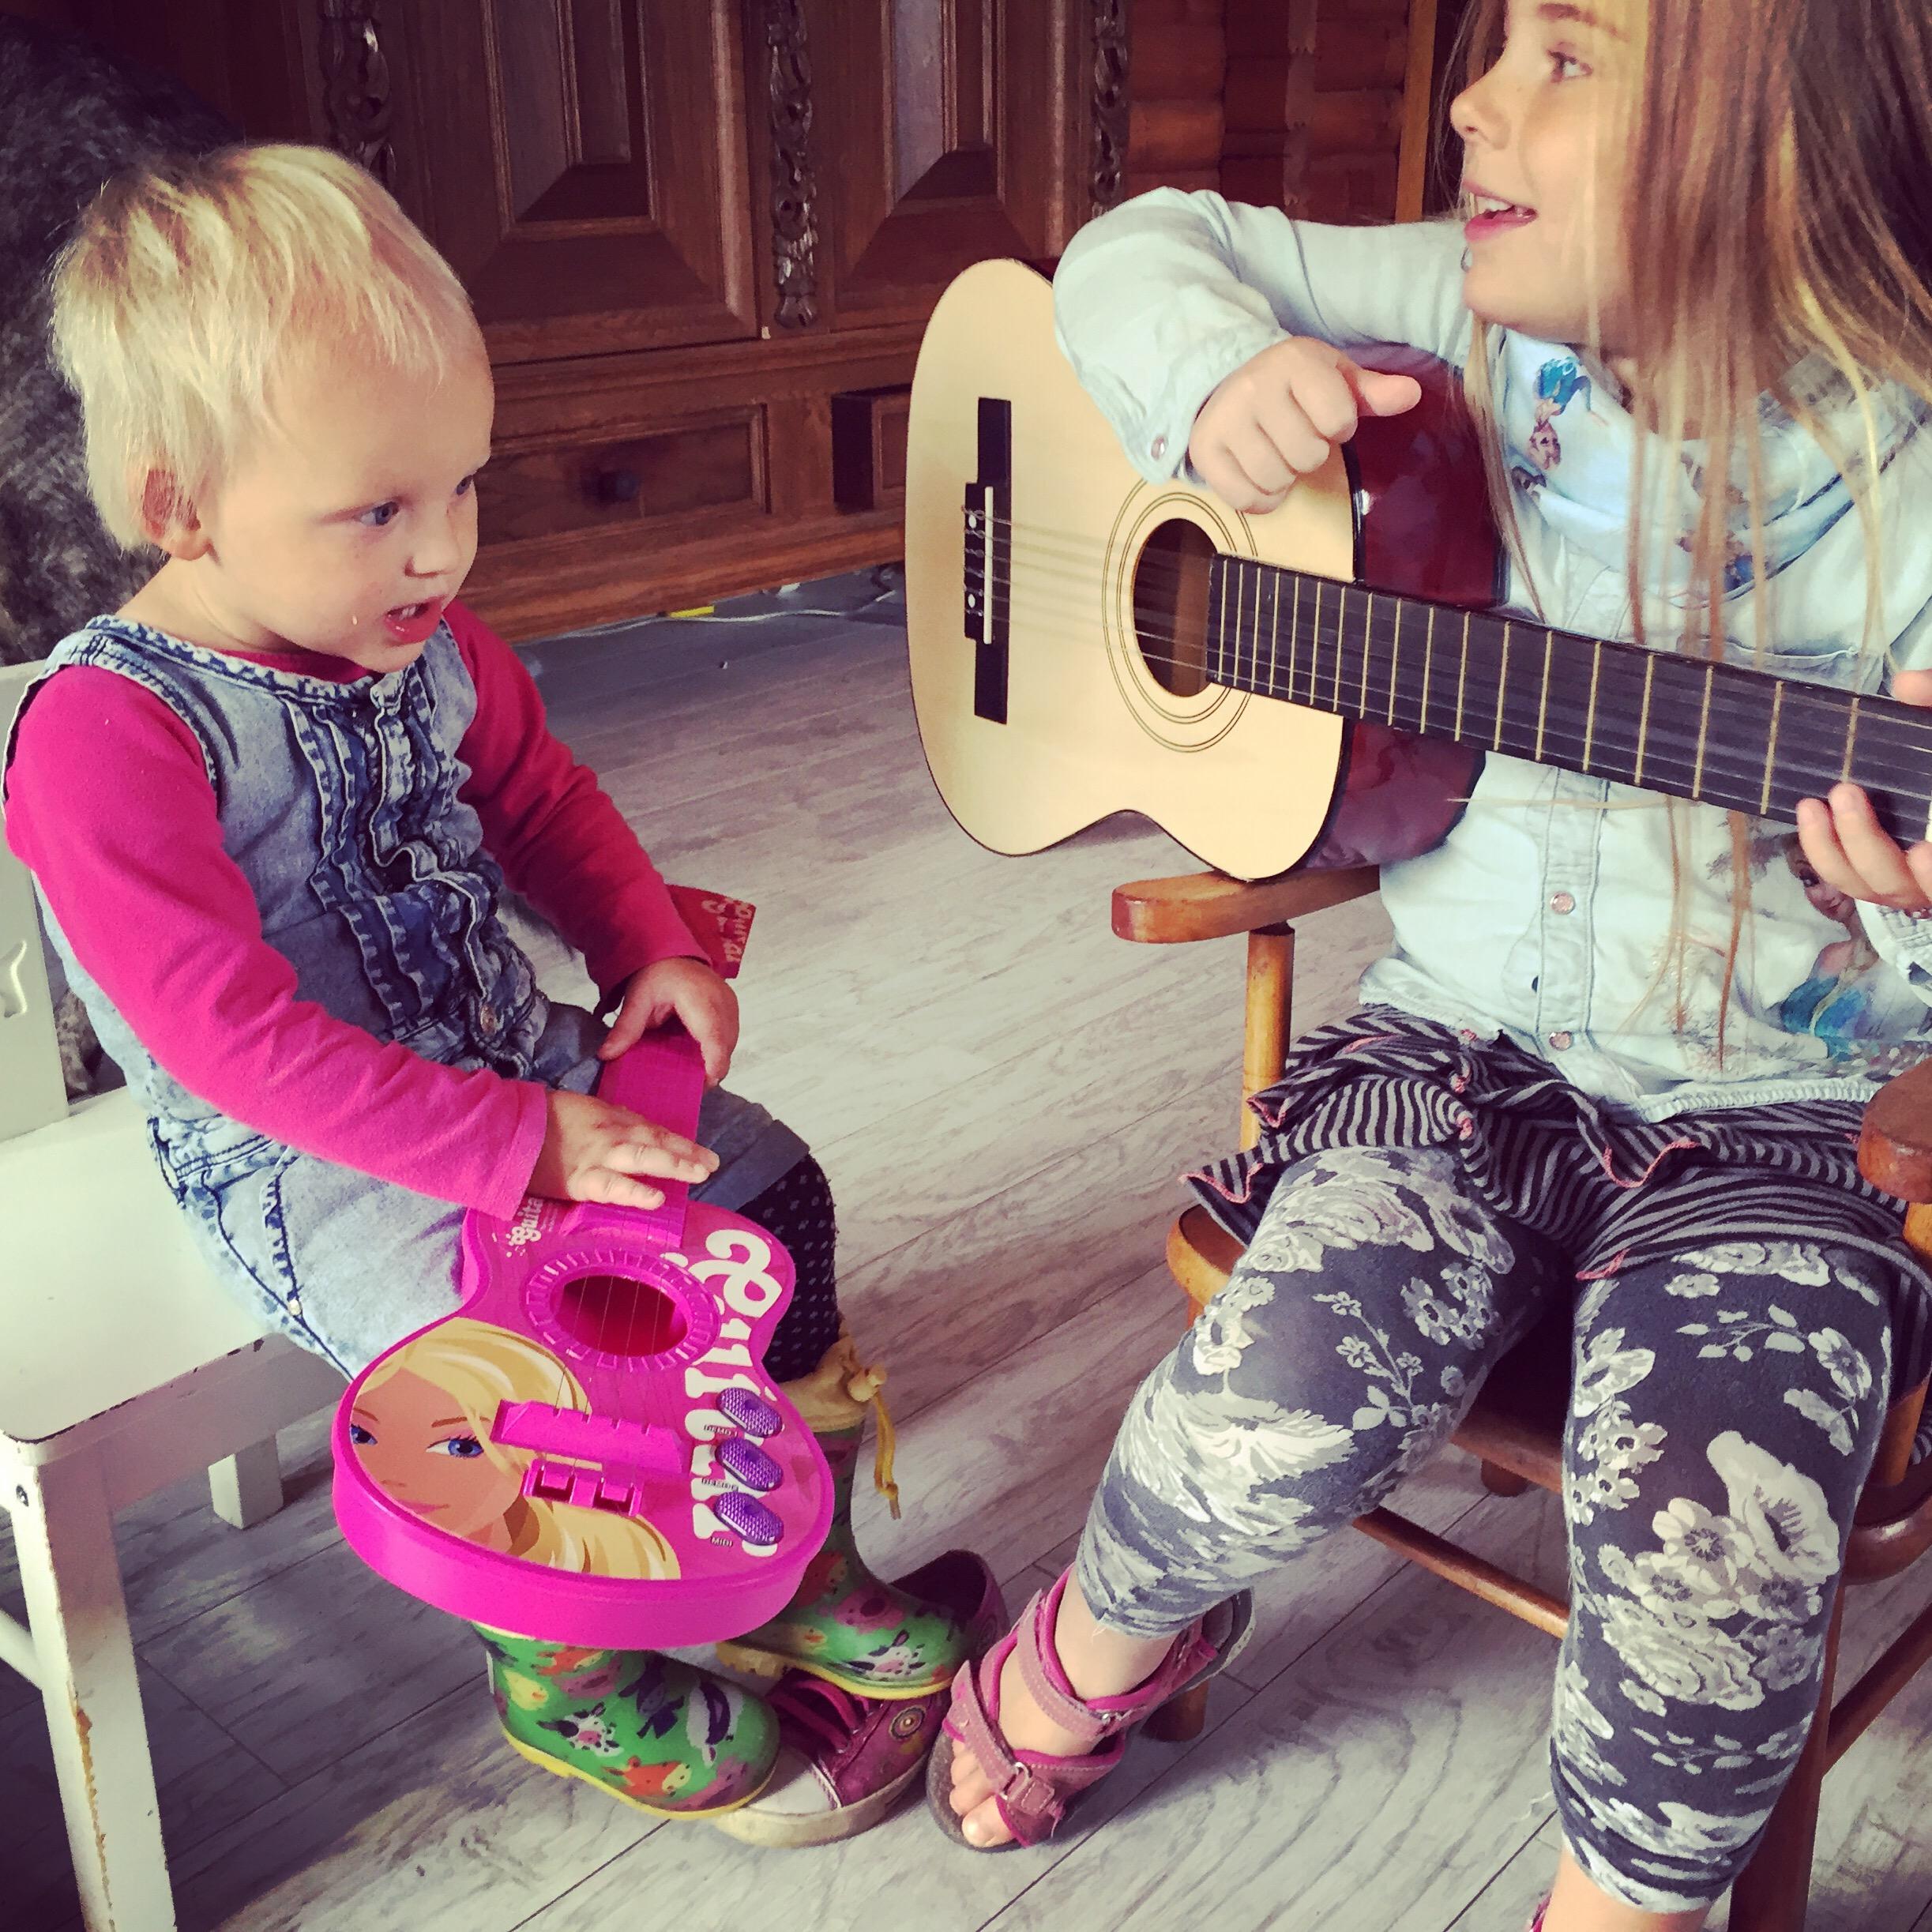 De dames maken muziek